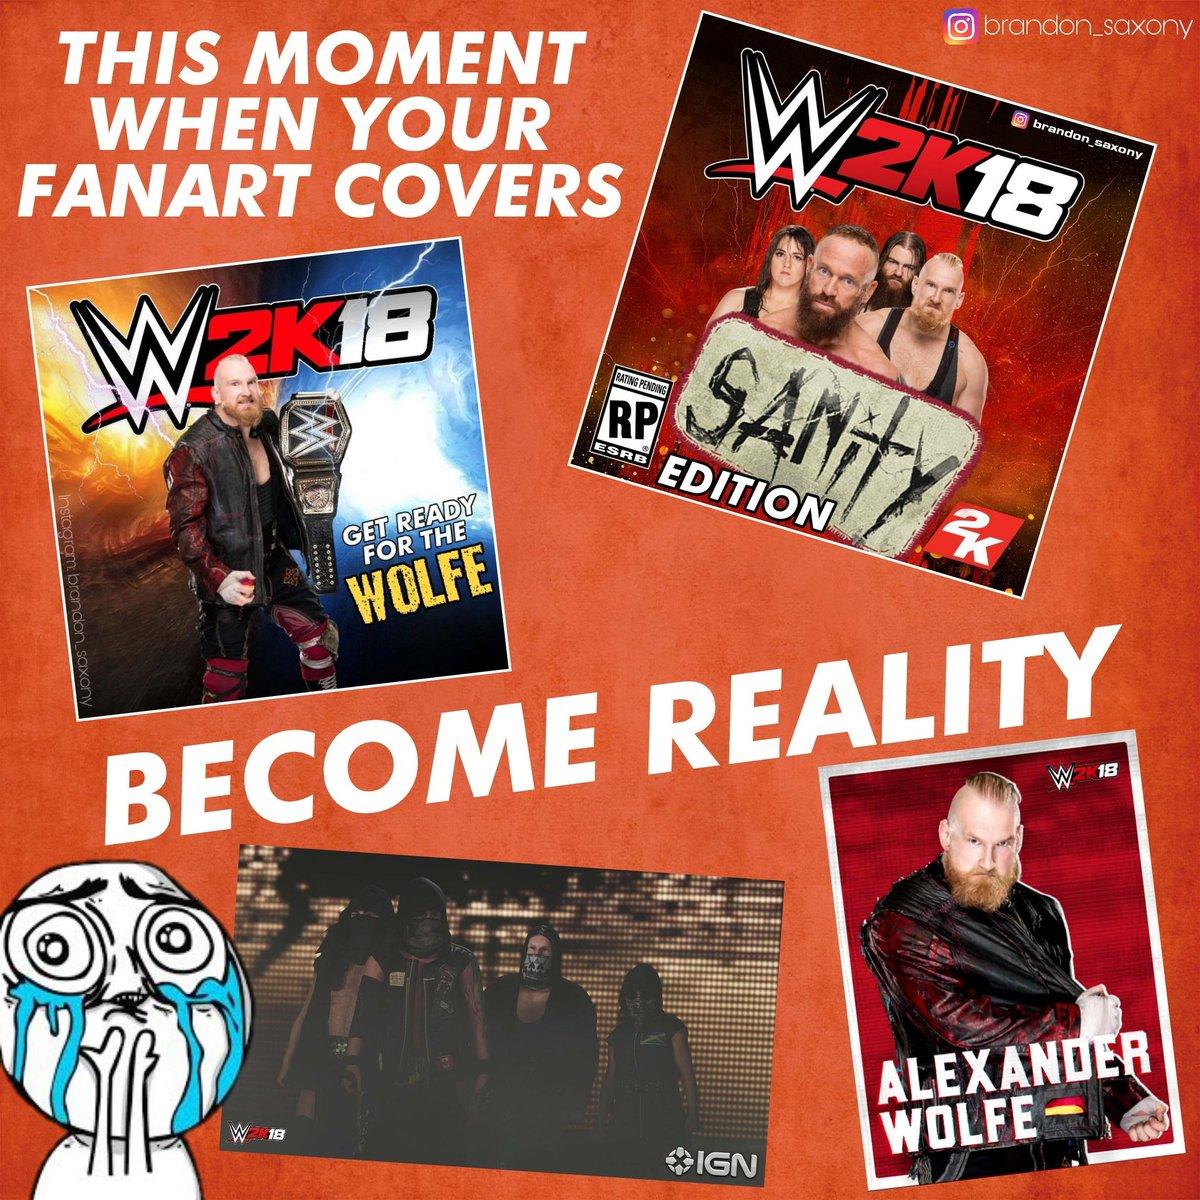 THX @WWEgames  🙌❤ #WWE2K18 #belikenoone #fanart #cover #SANitY https:/...